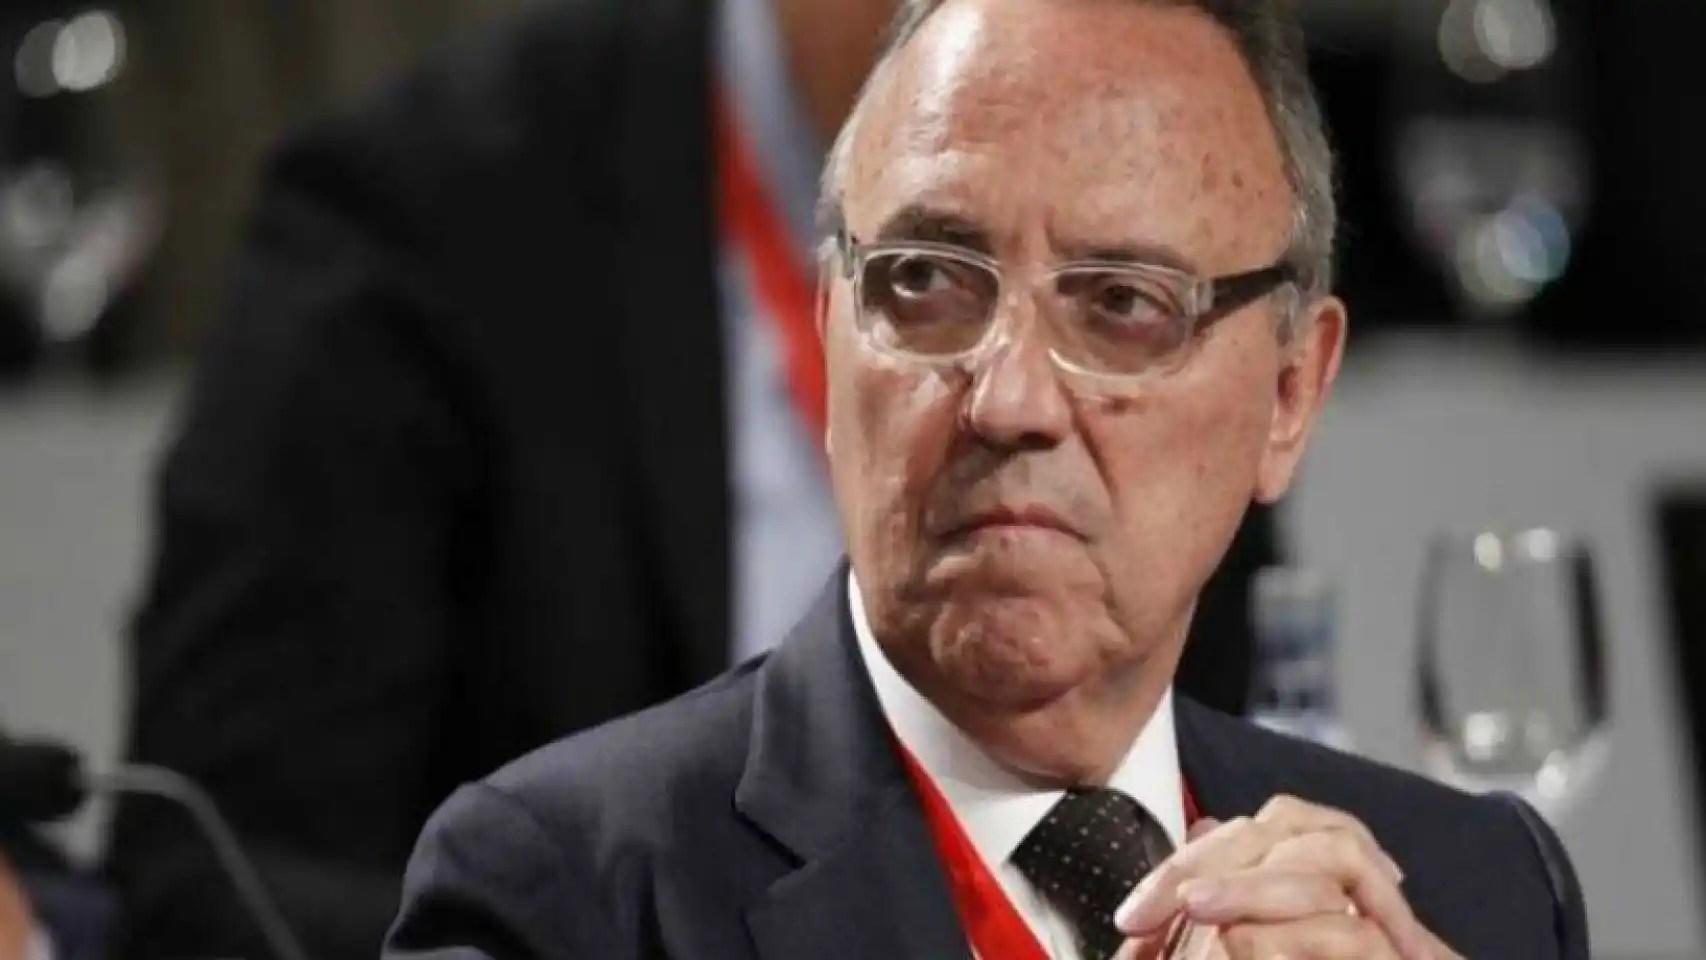 Gaspart Y Su Acusacion Fuera De Lugar Si El Madrid Fuera